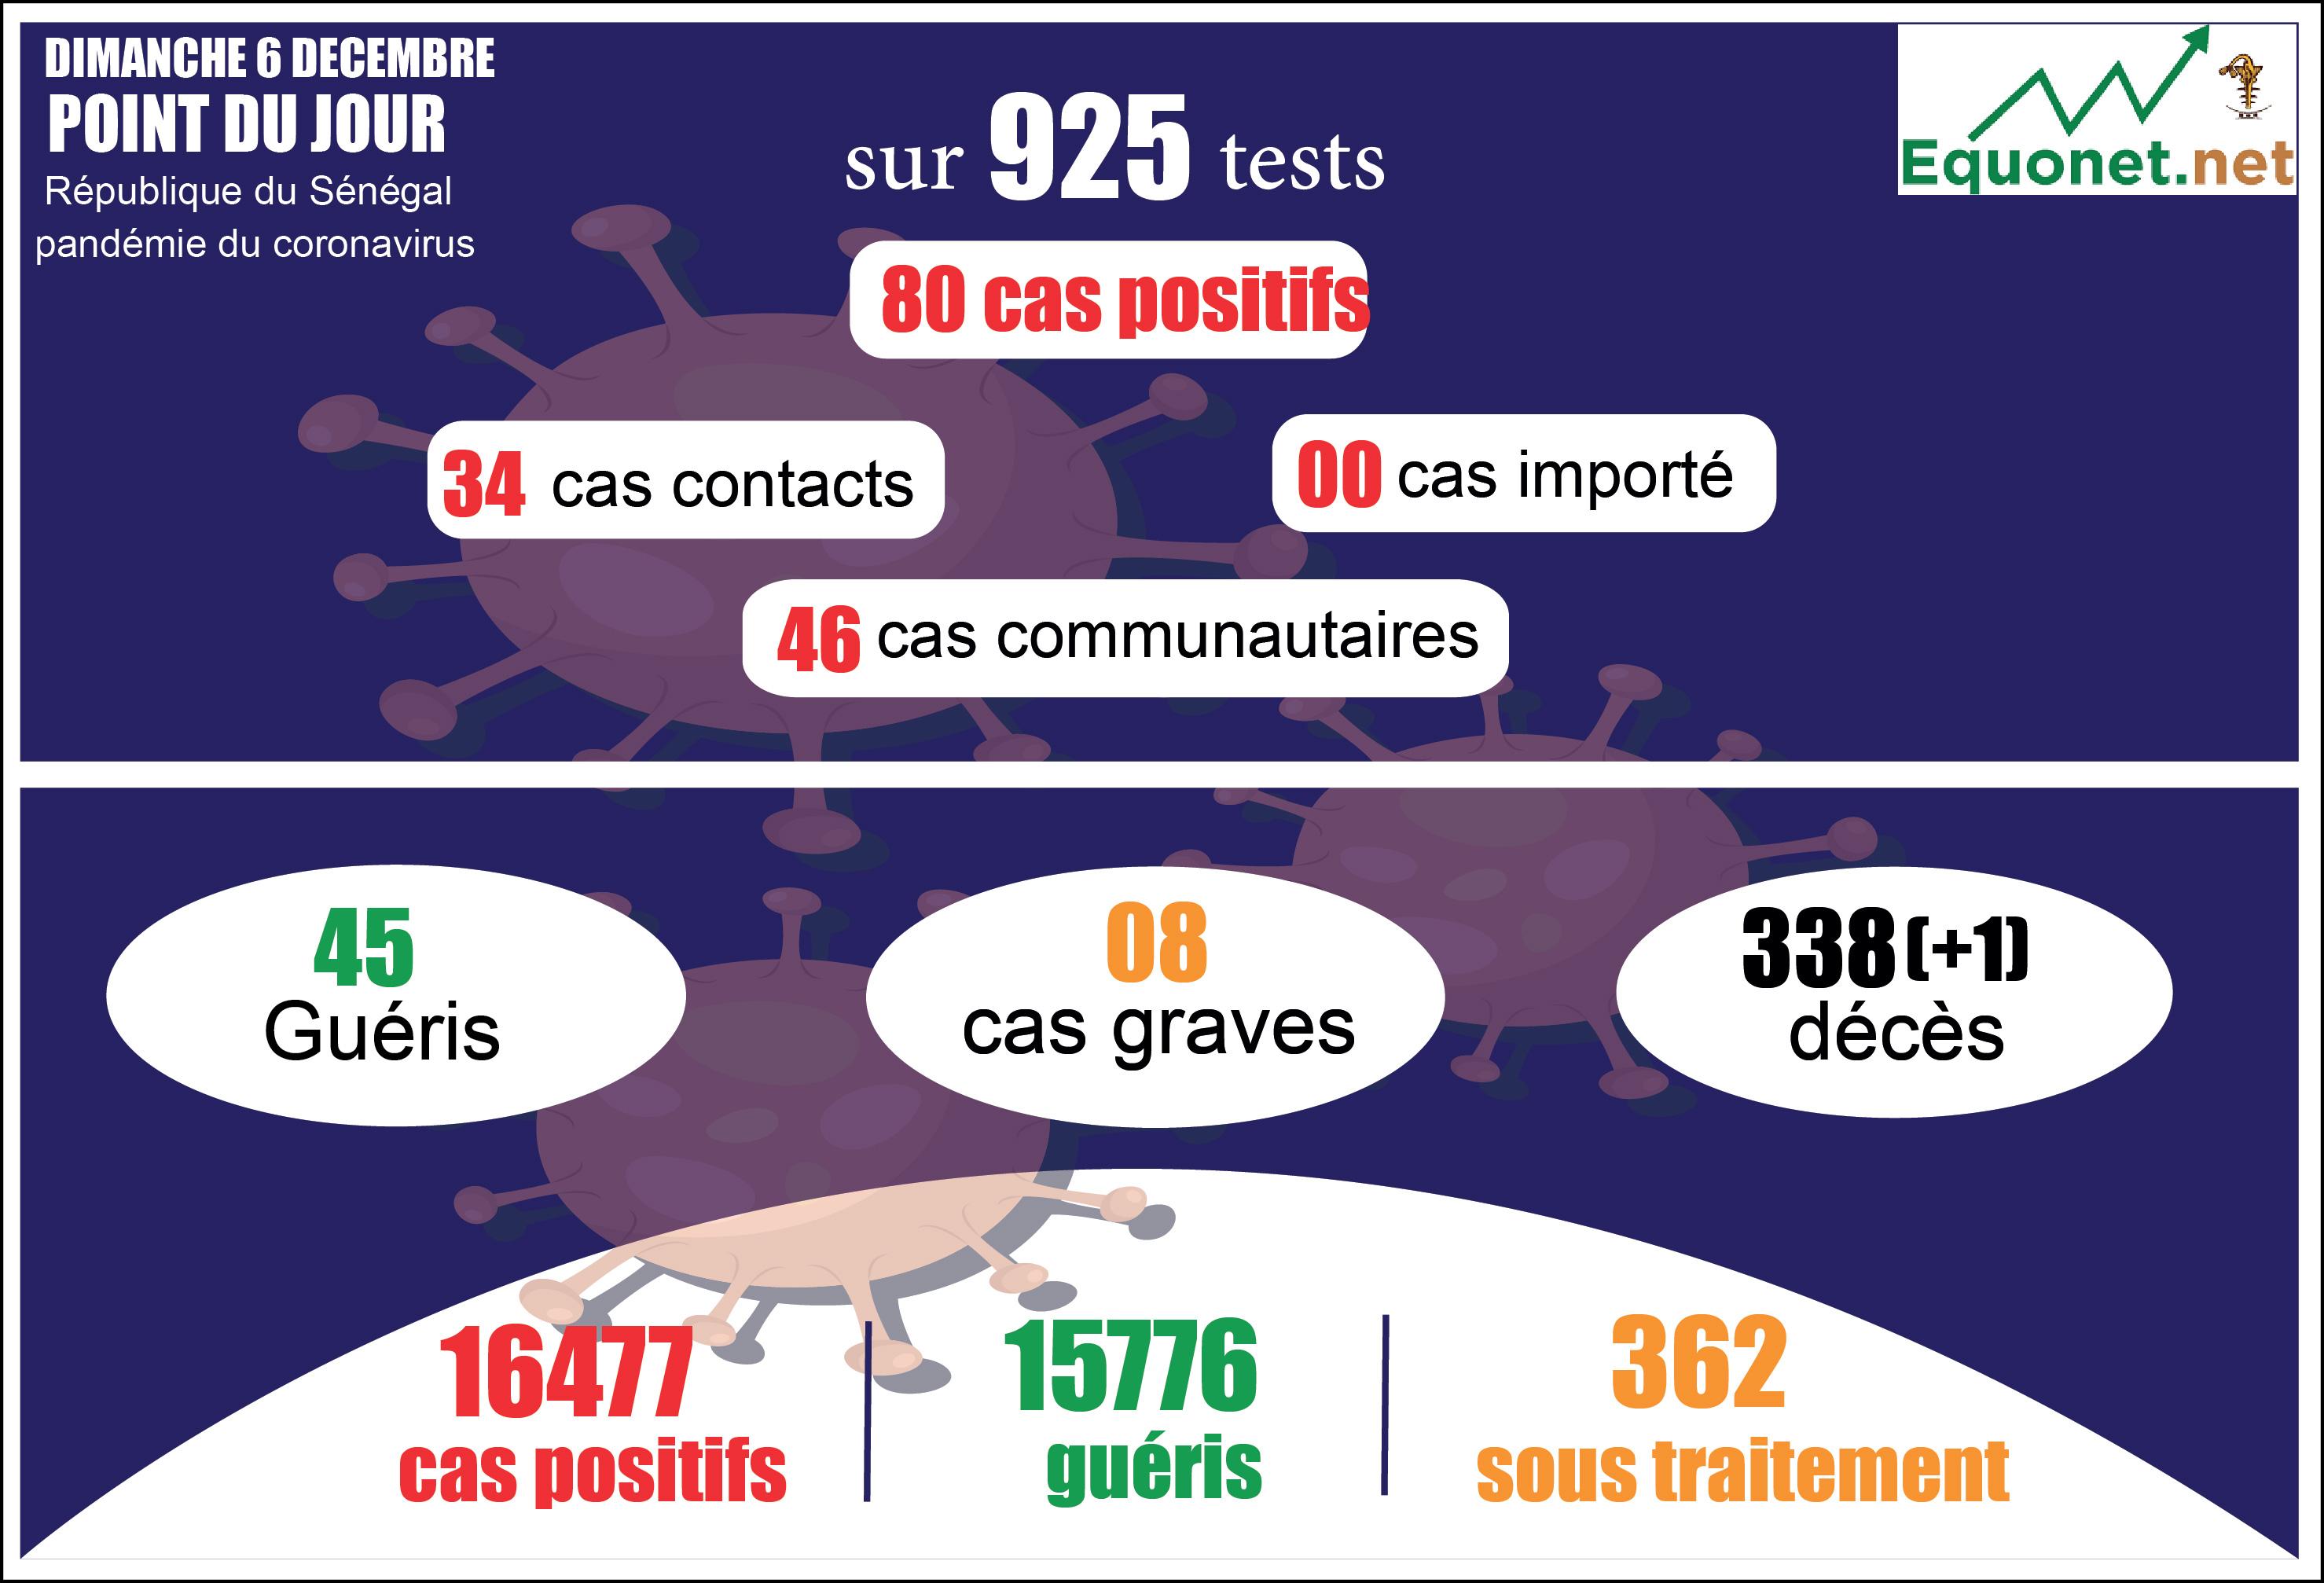 pandémie du coronavirus-covid-19 au sénégal : 80 cas communautaires ont été enregistrés ce dimanche 6 décembre 2020